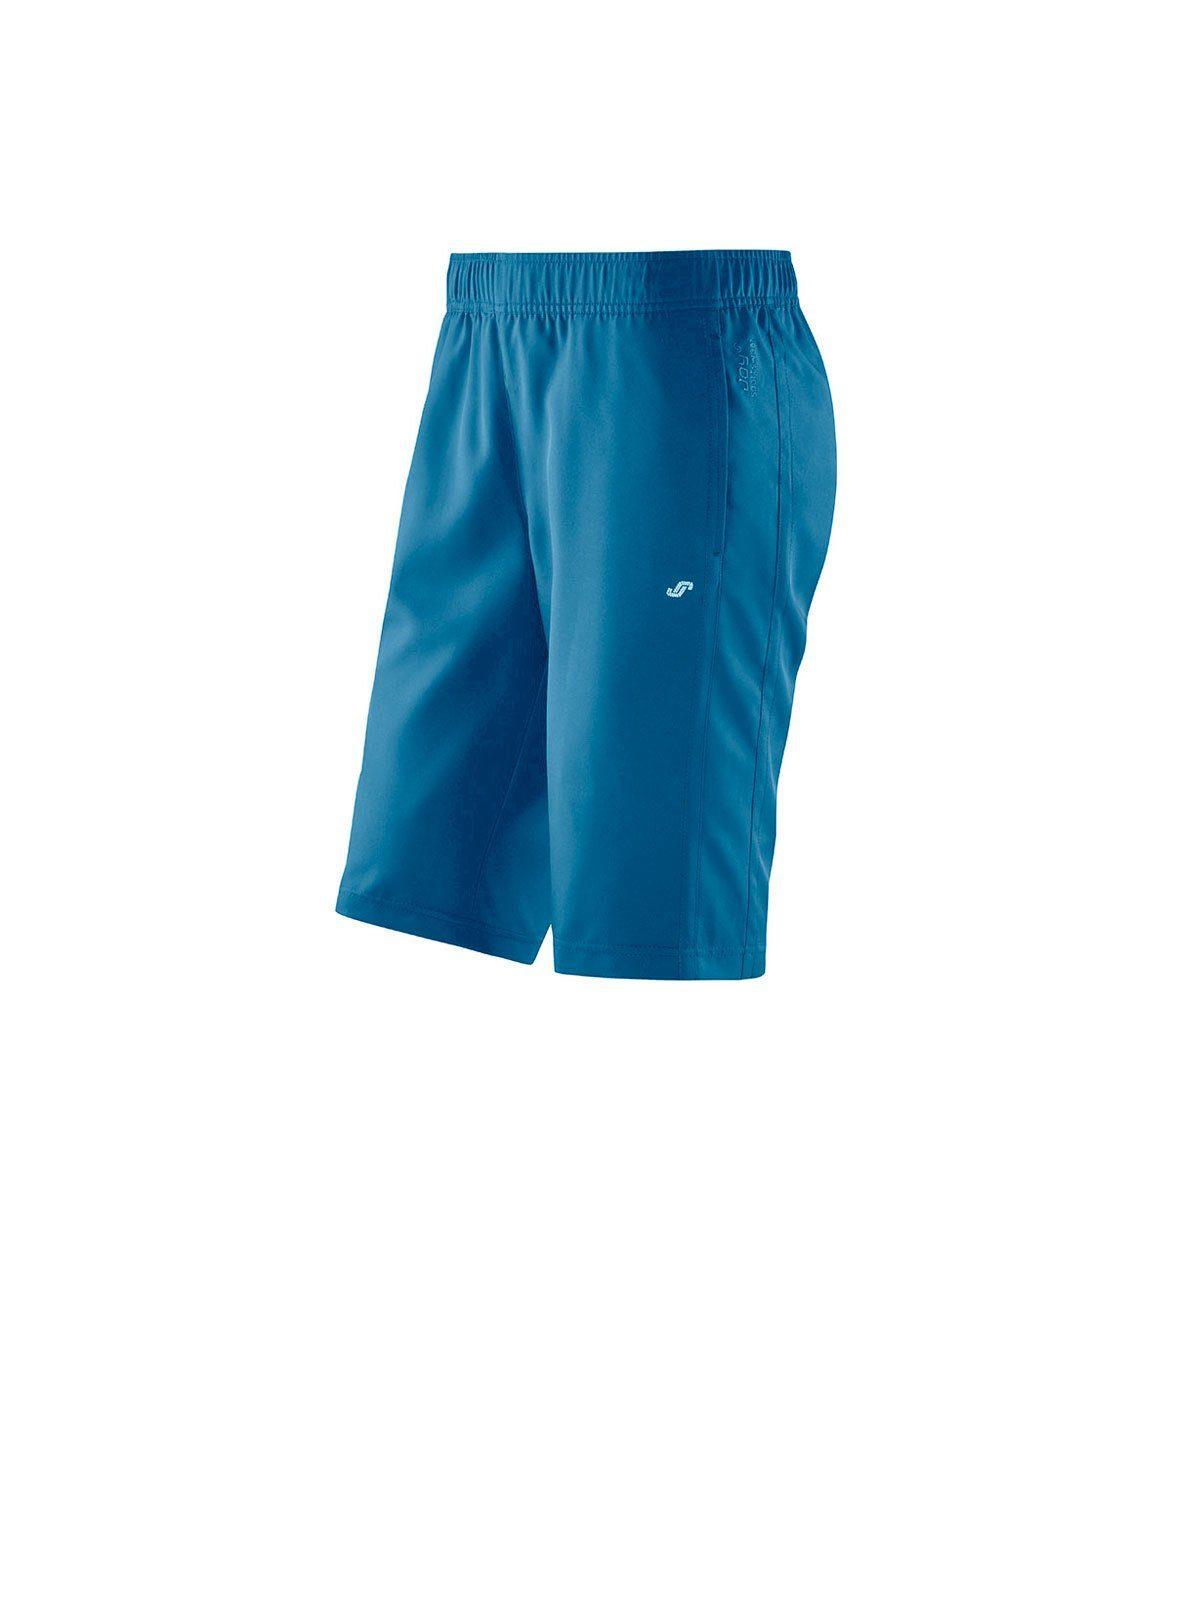 Joy Sportswear Bermudas RANIA | Sportbekleidung > Sporthosen > Sportbermudas | Blau | Joy Sportswear